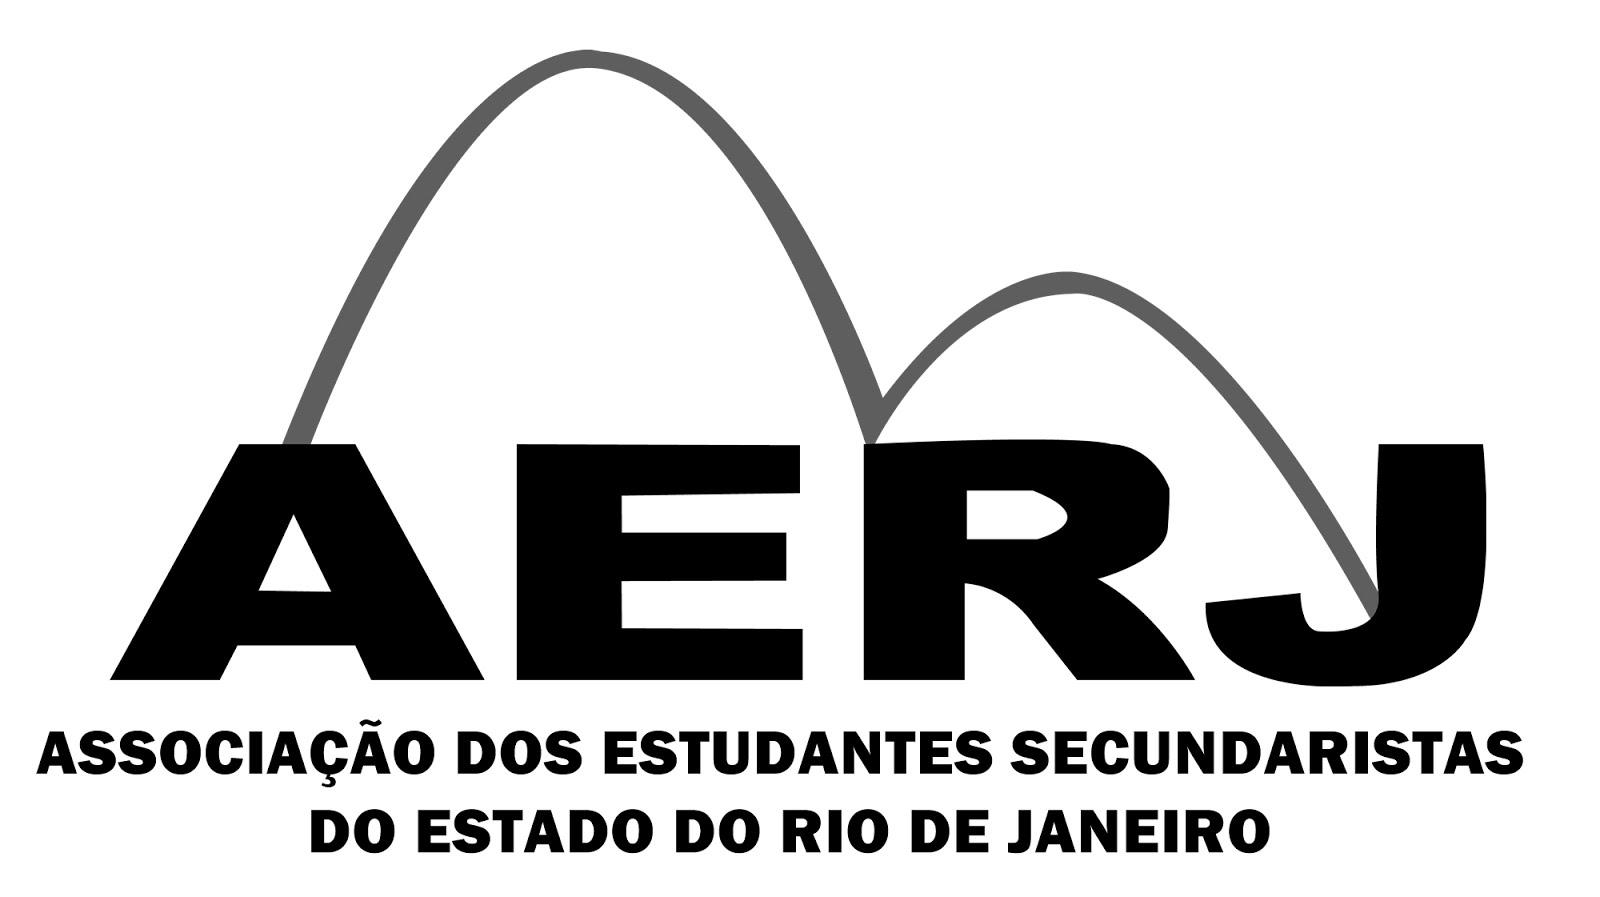 AERJ - Associação dos Estudantes Secundaristas do Estado do Rio de Janeiro